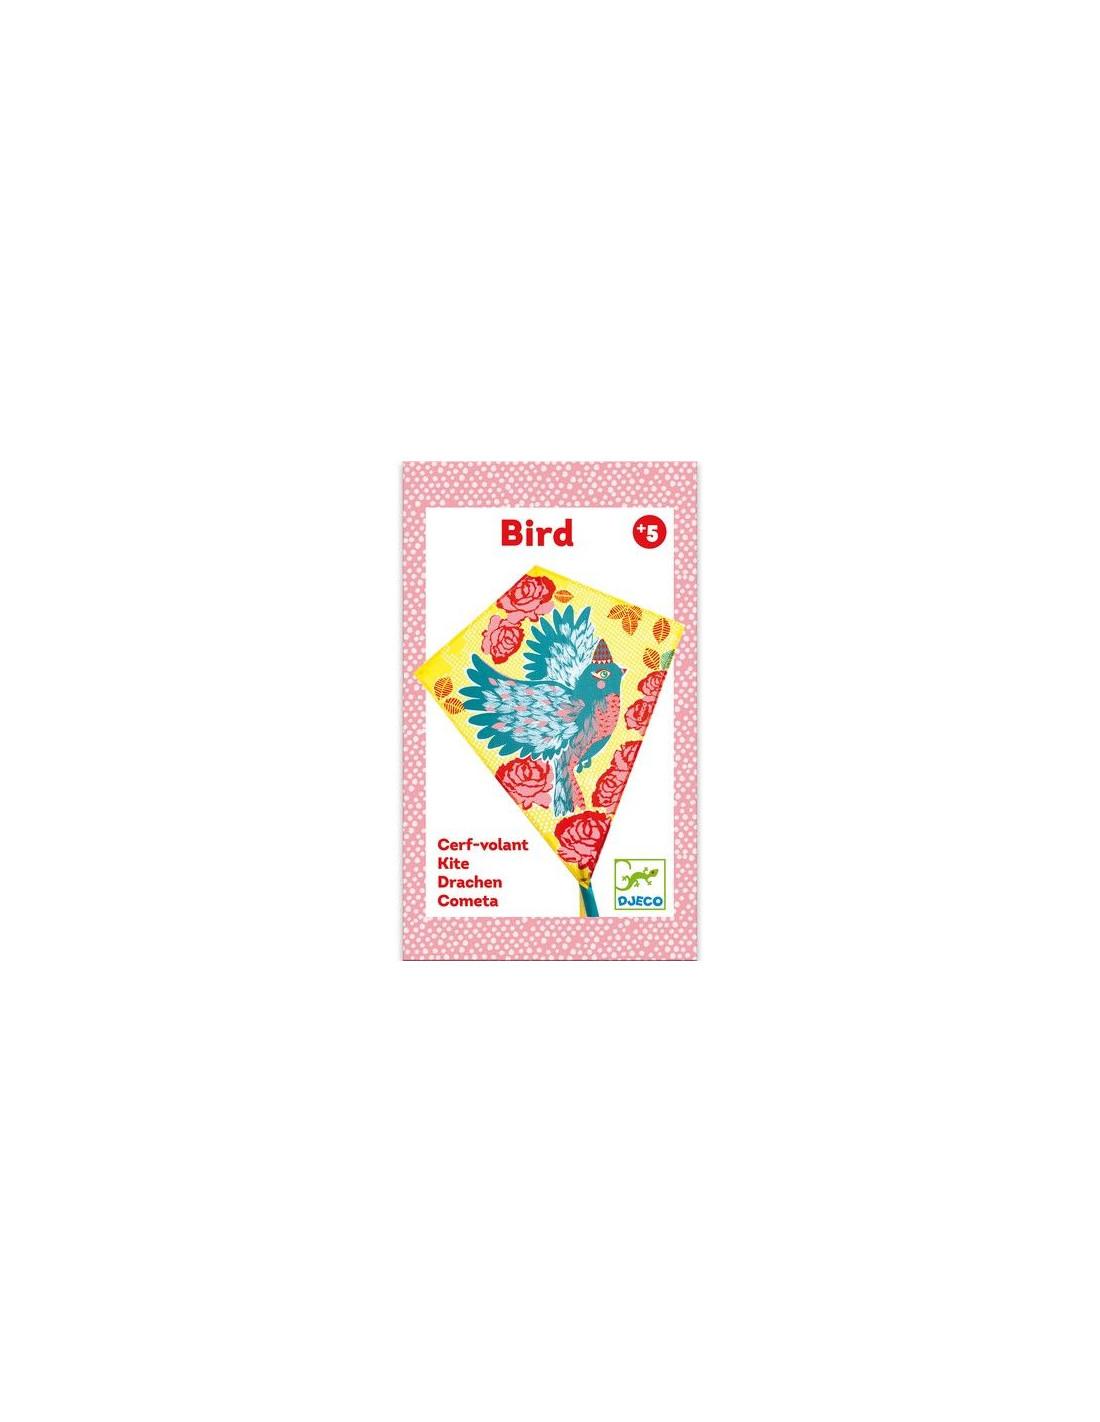 cerf-volant-bird-djeco (1)